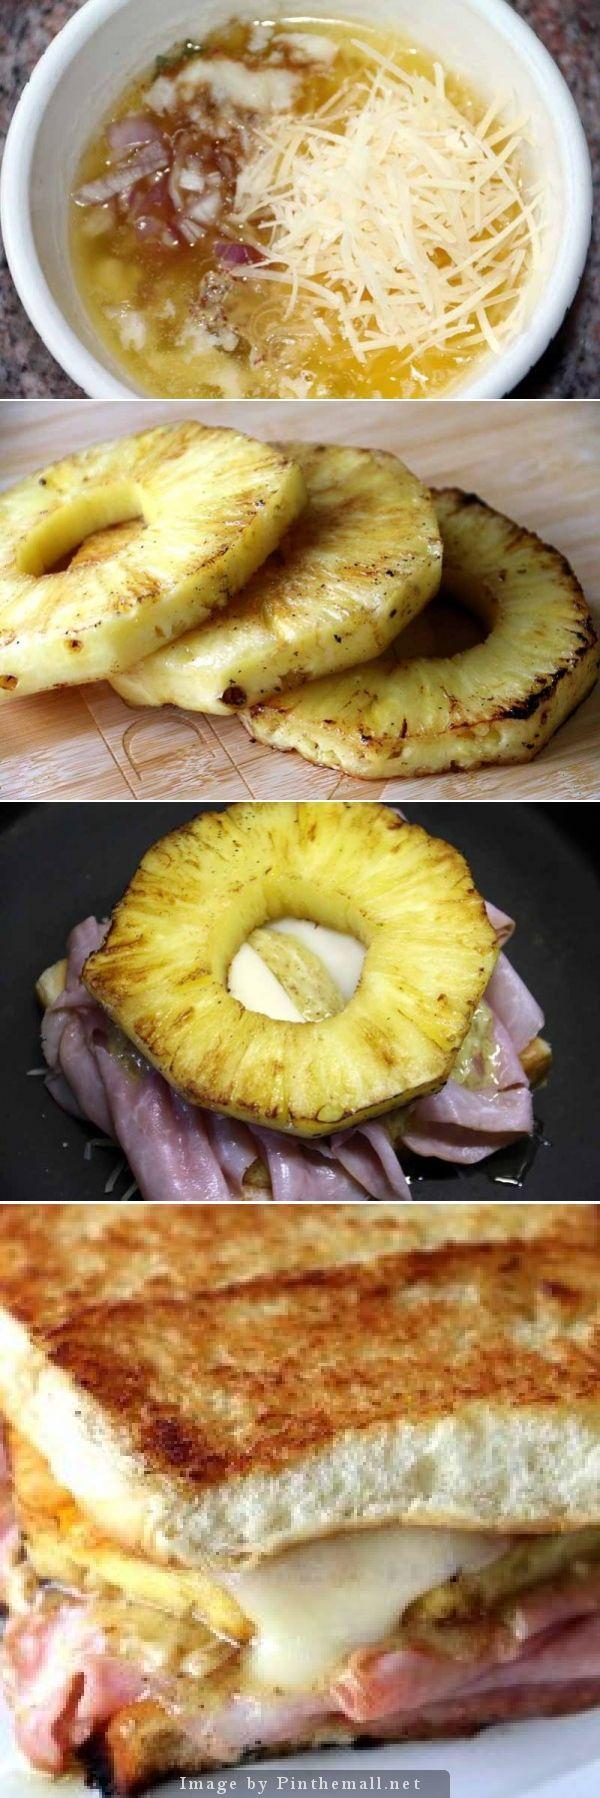 Hawaiian Grilled Cheese Recipe